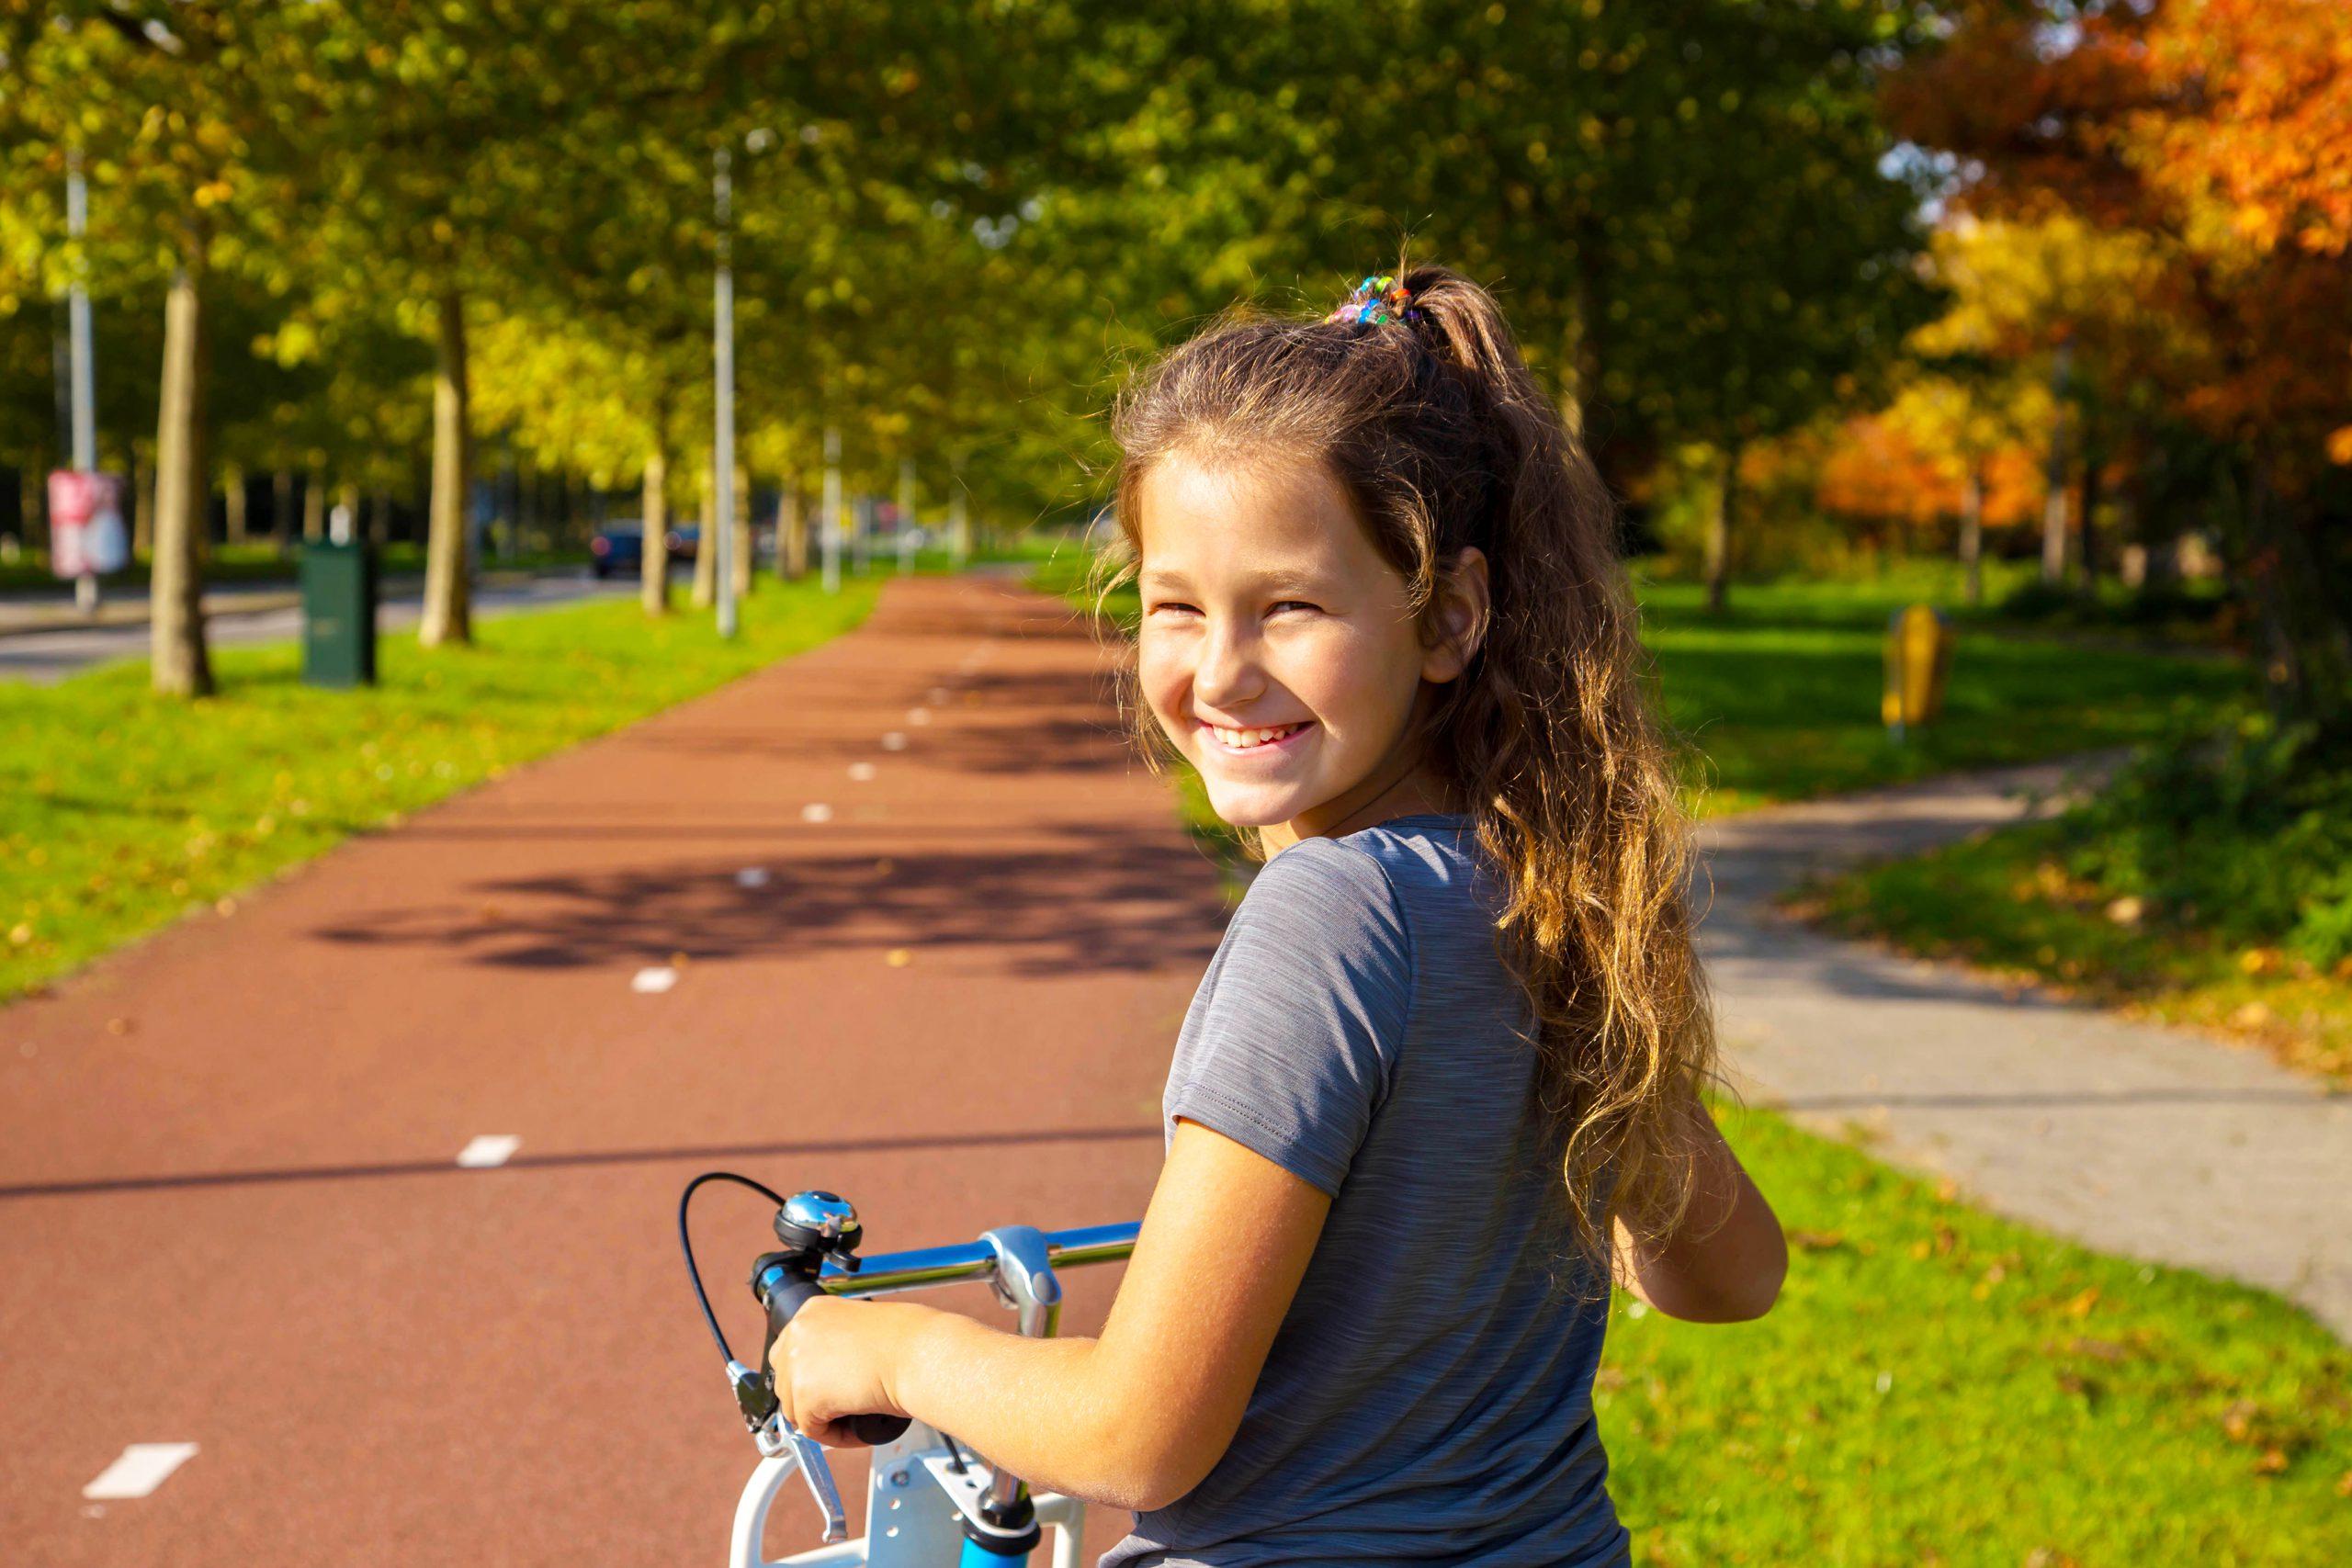 Meisje lachend op haar fiets